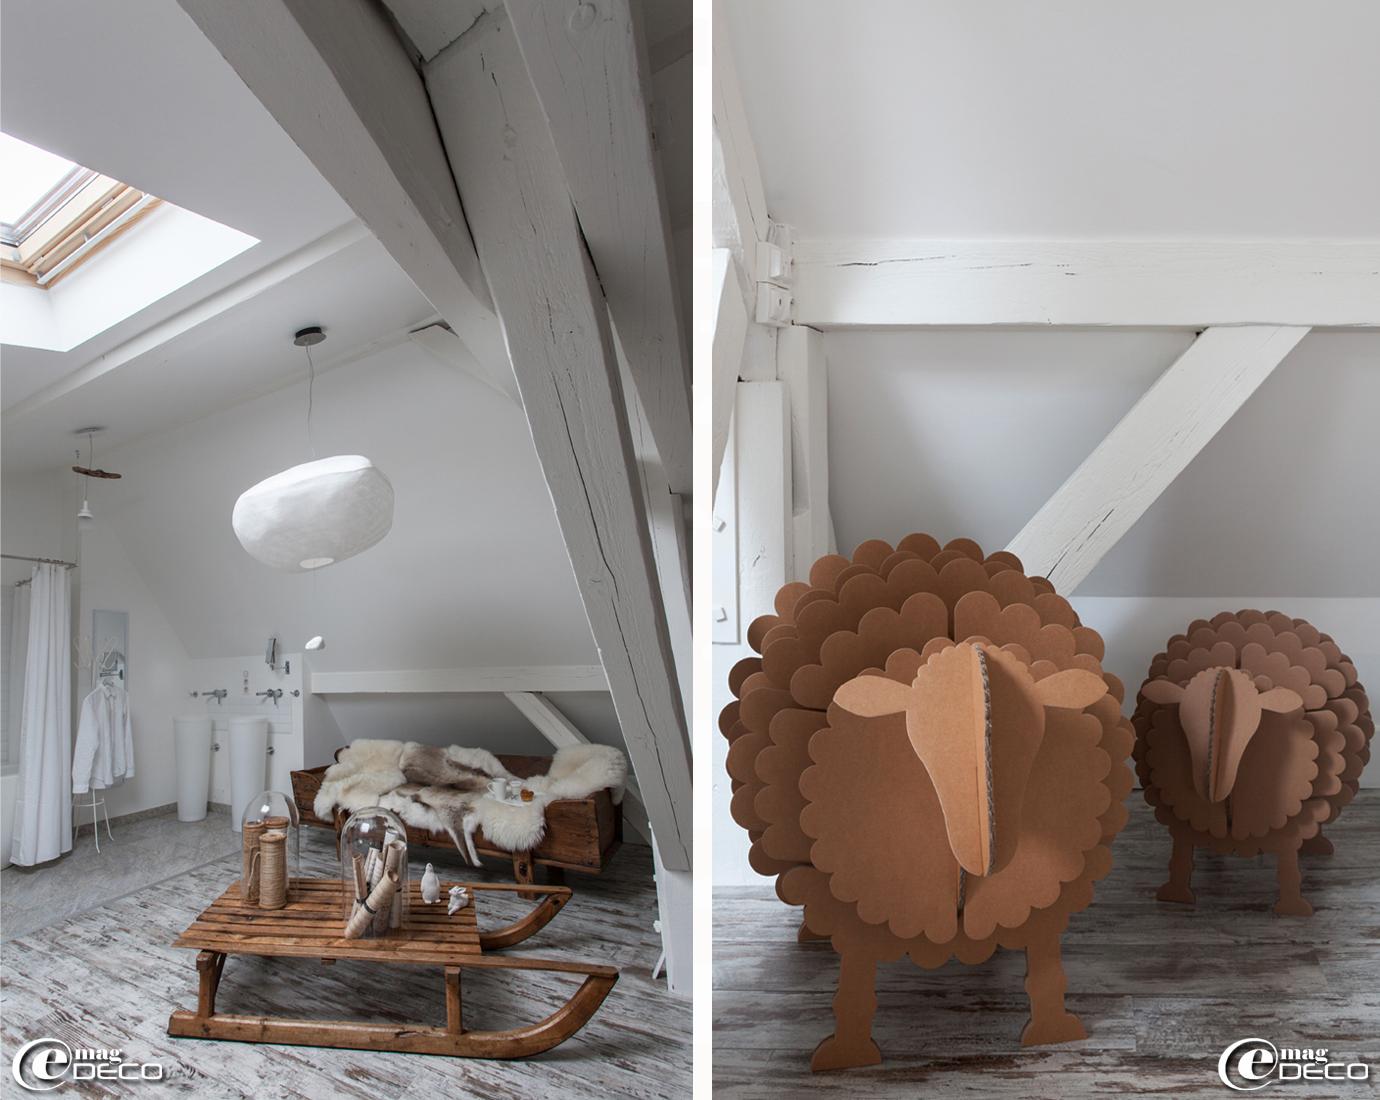 g nial porte manteau casa l 39 id e d 39 un porte manteau. Black Bedroom Furniture Sets. Home Design Ideas